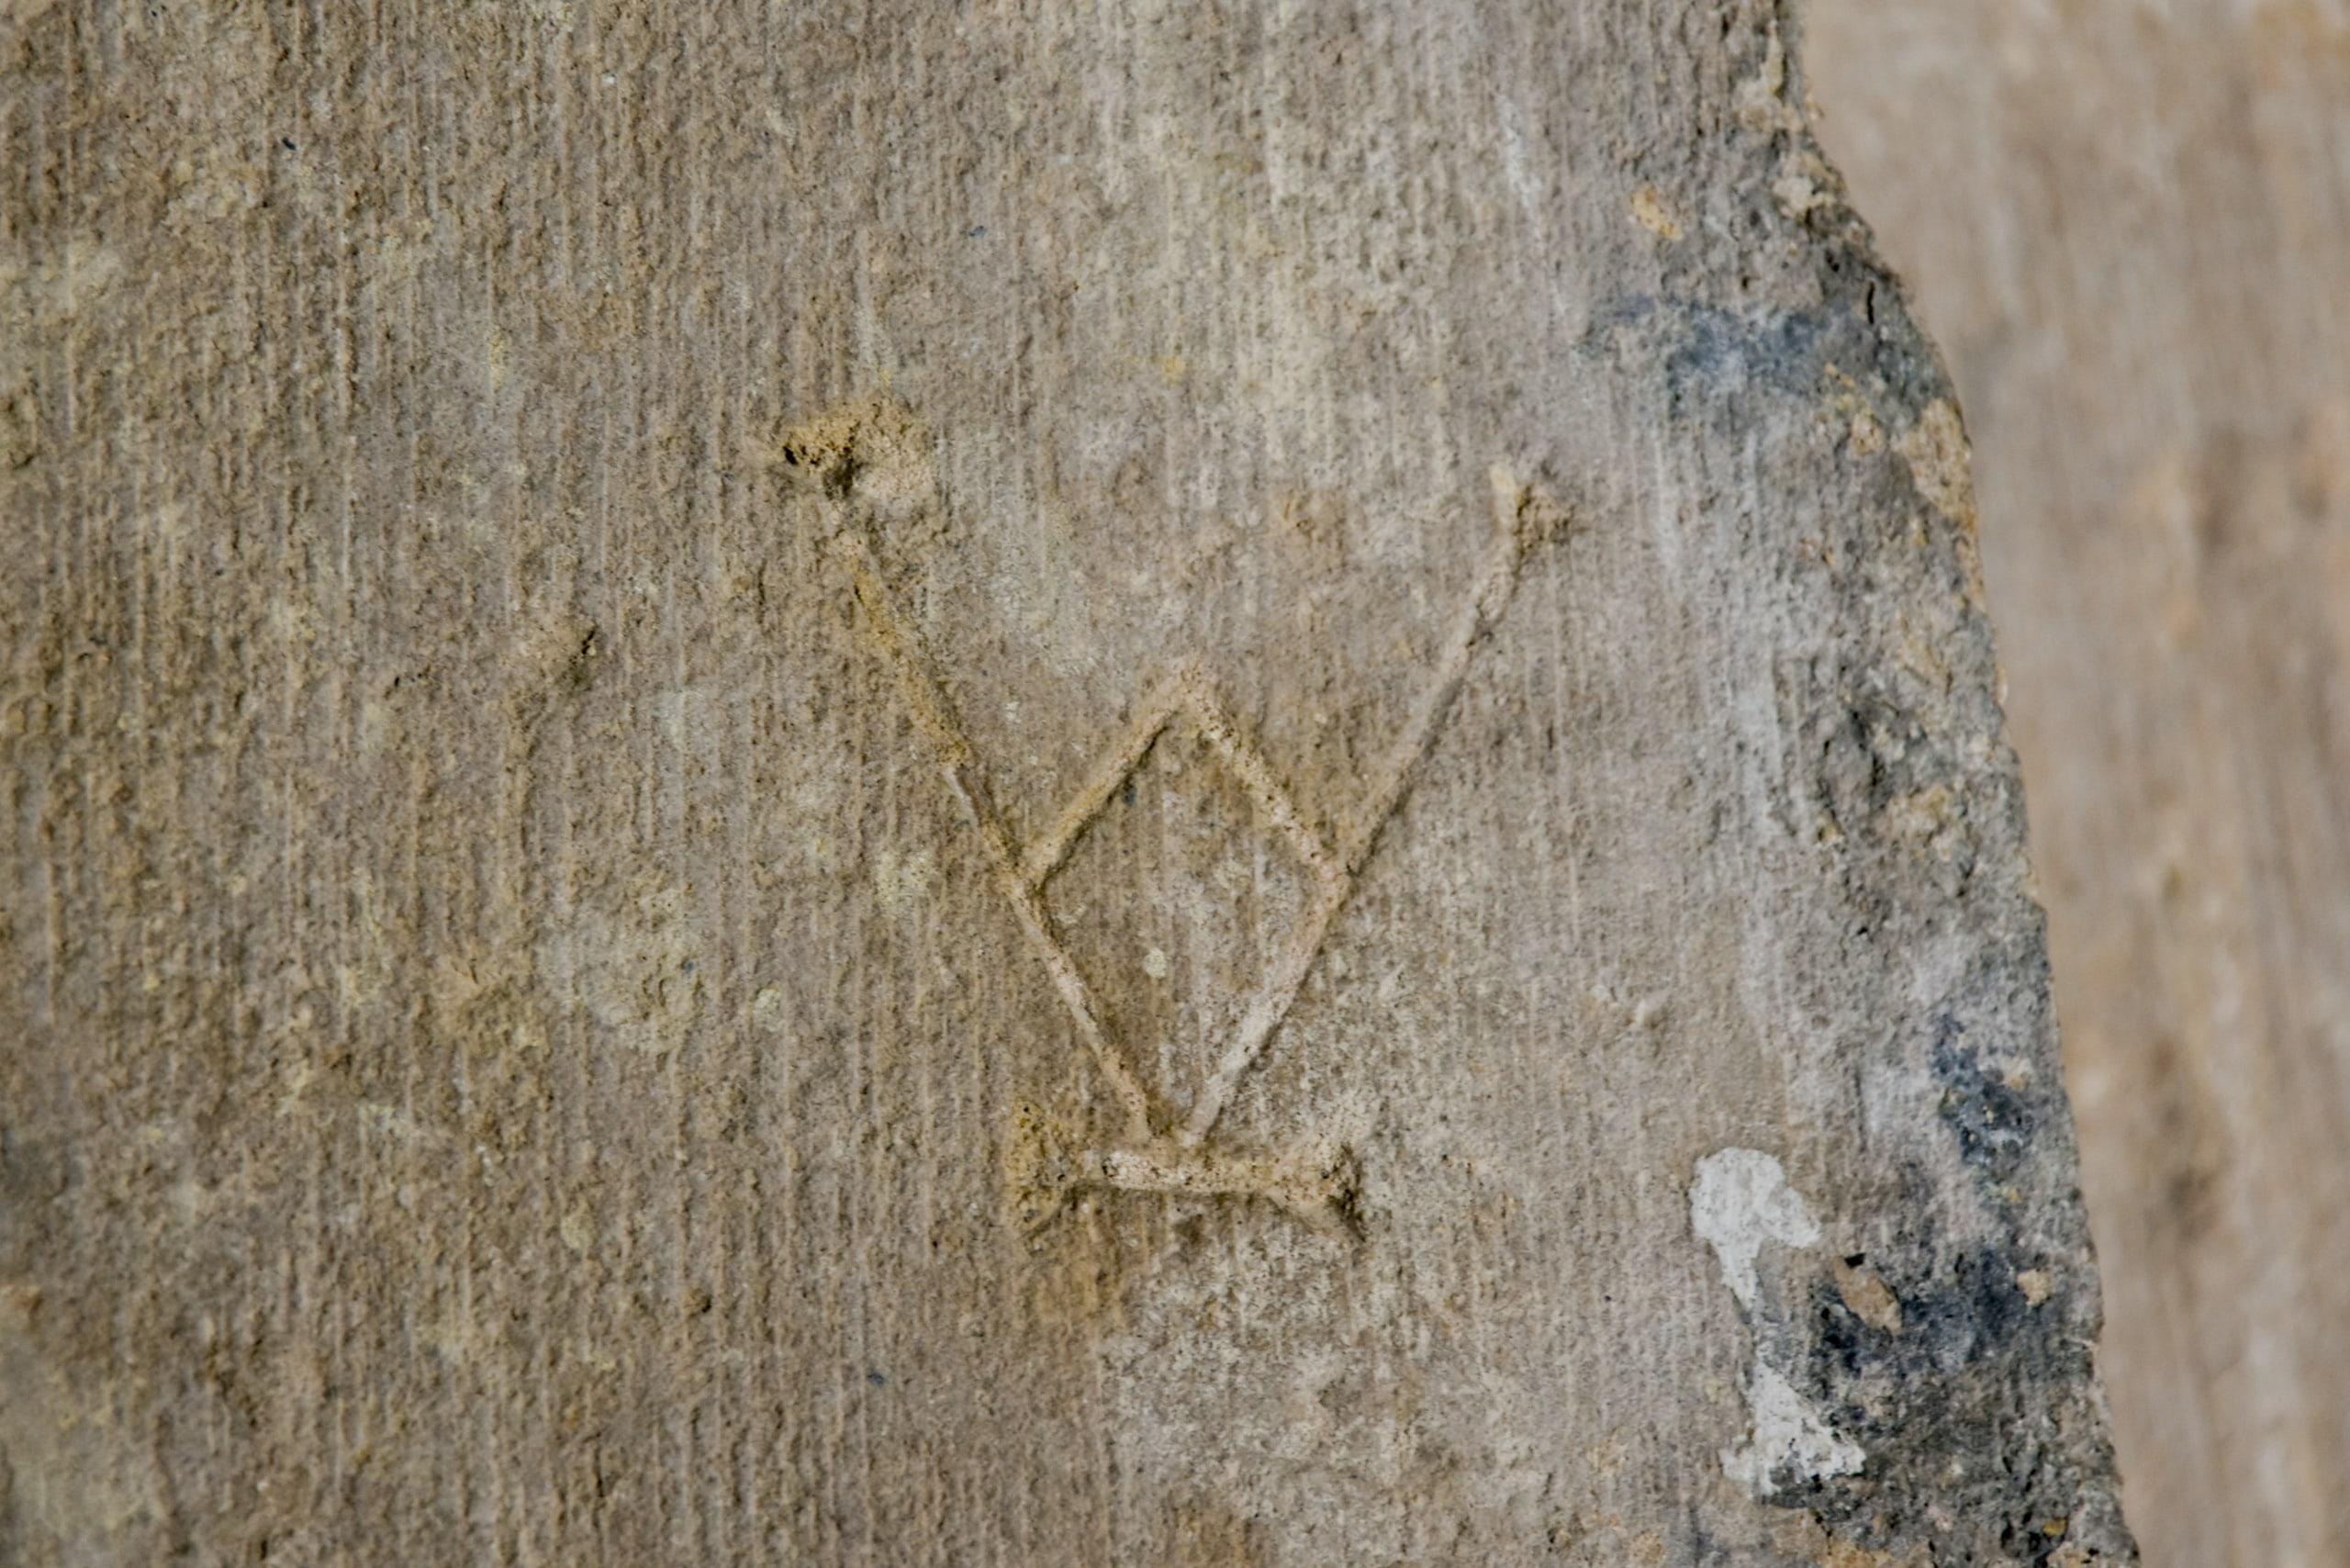 Abbazia di Sènanque, un simbolo inciso su una lastra dai tagliapietre